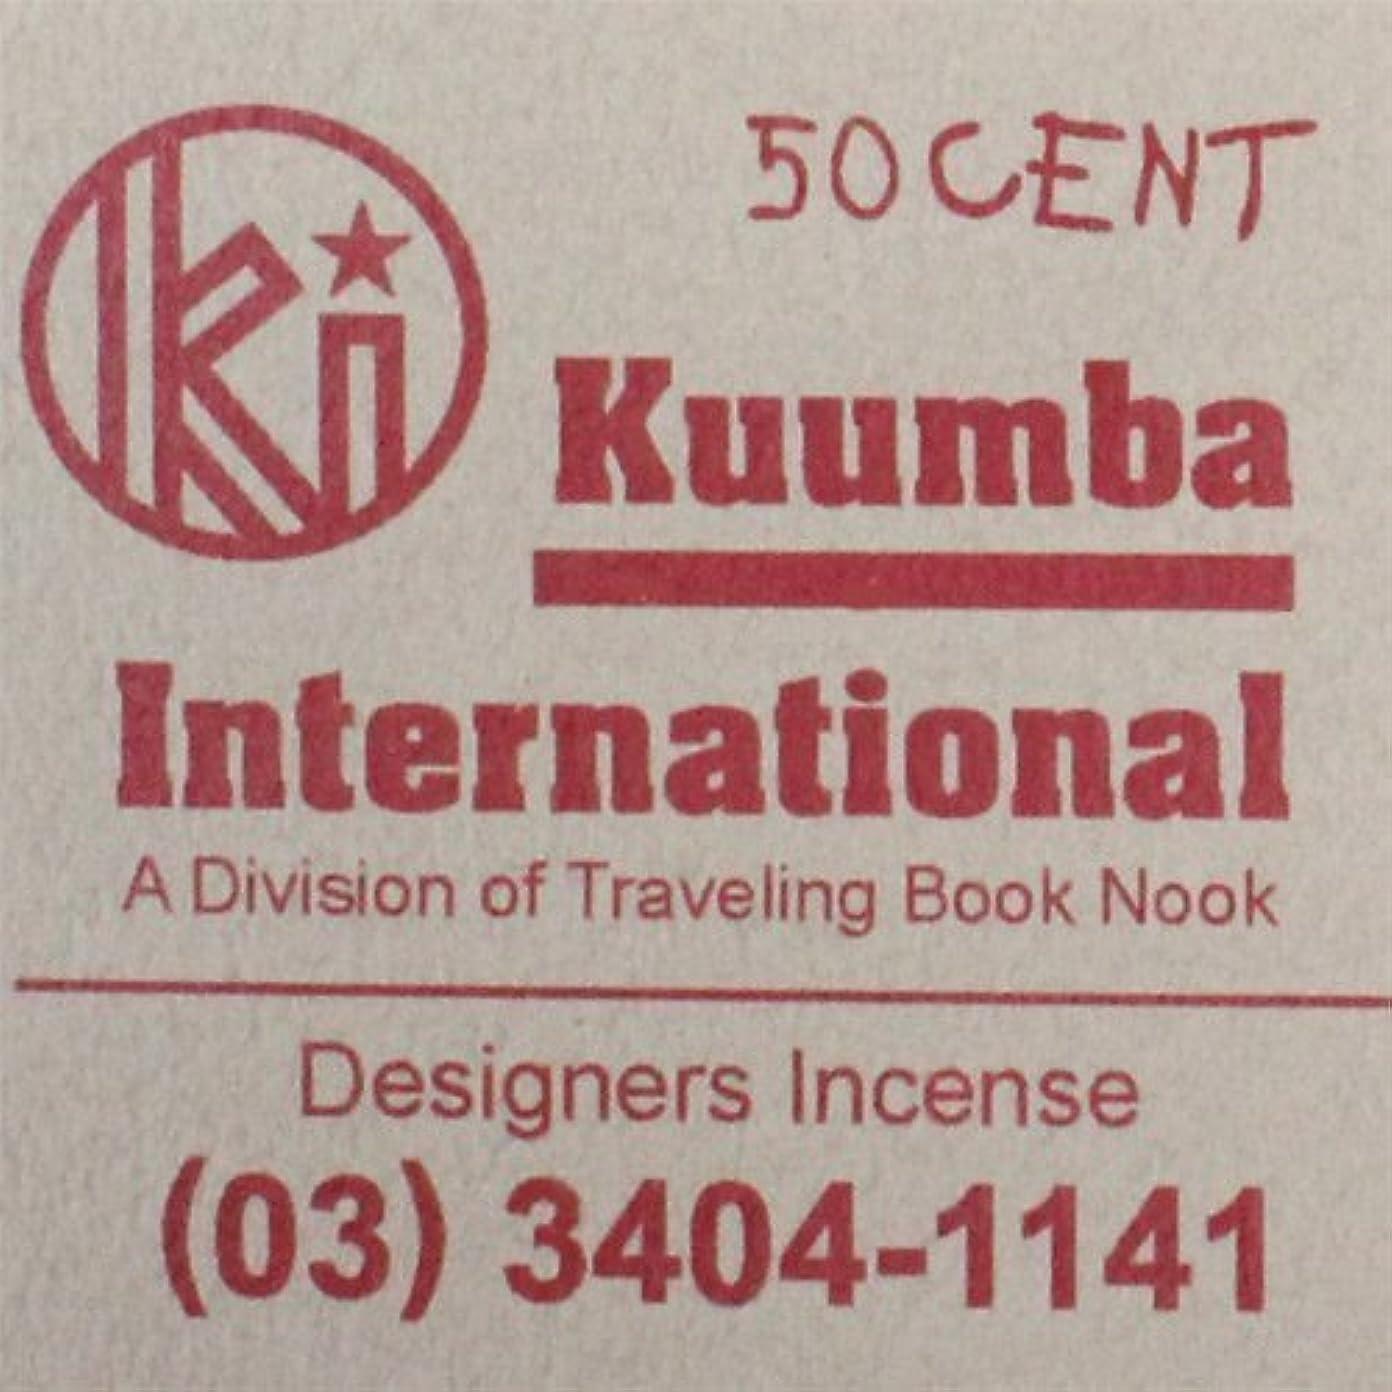 寛大さ前方へ考えるKUUMBA / クンバ『incense』(50CENT) (Regular size)